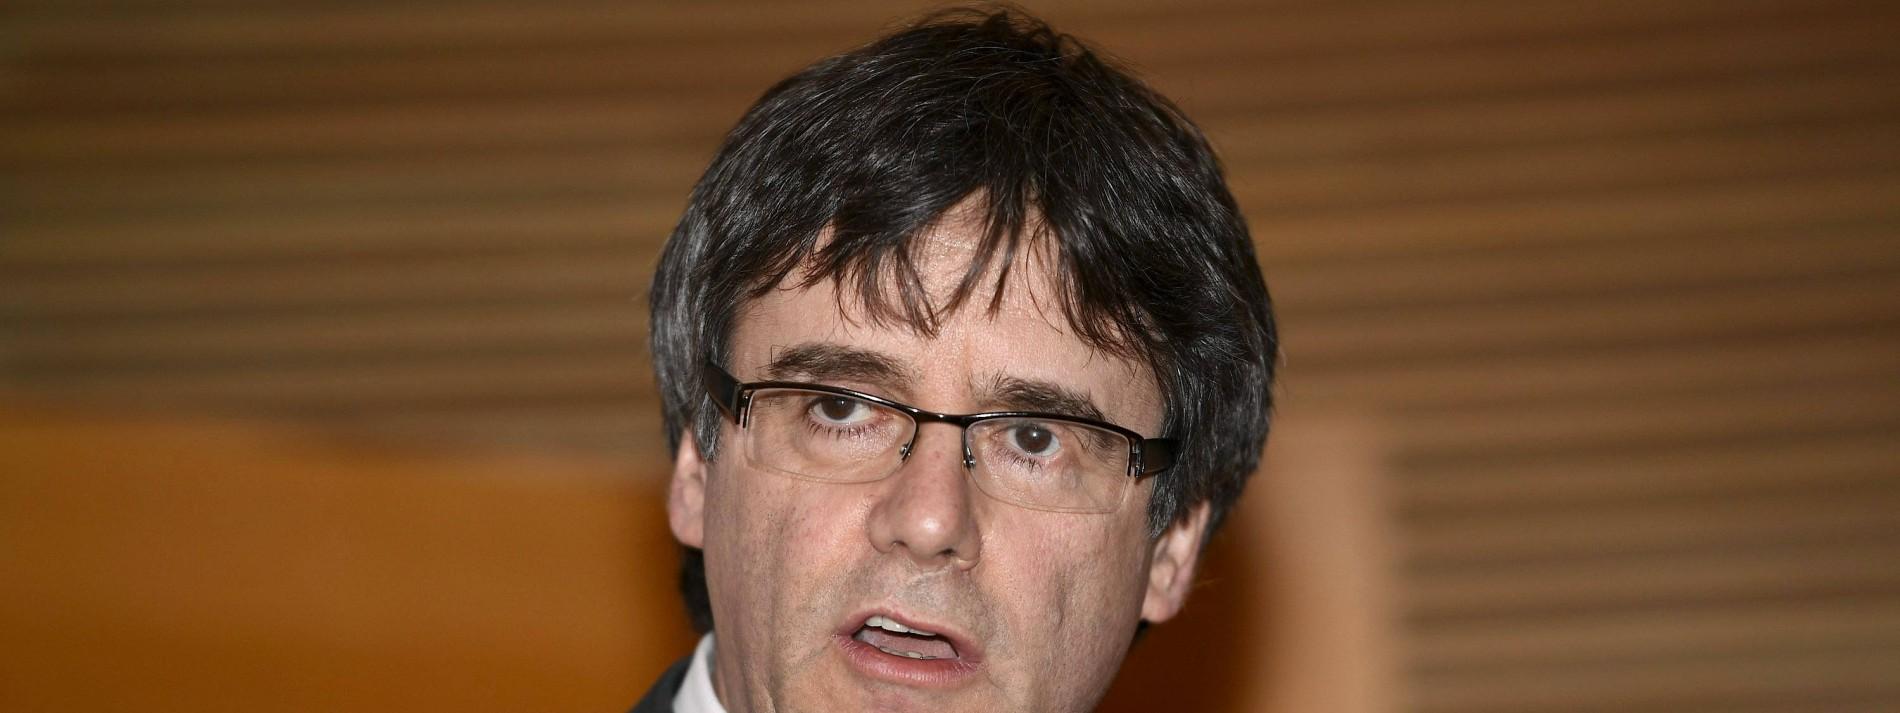 Puigdemont auf Sardinien festgenommen